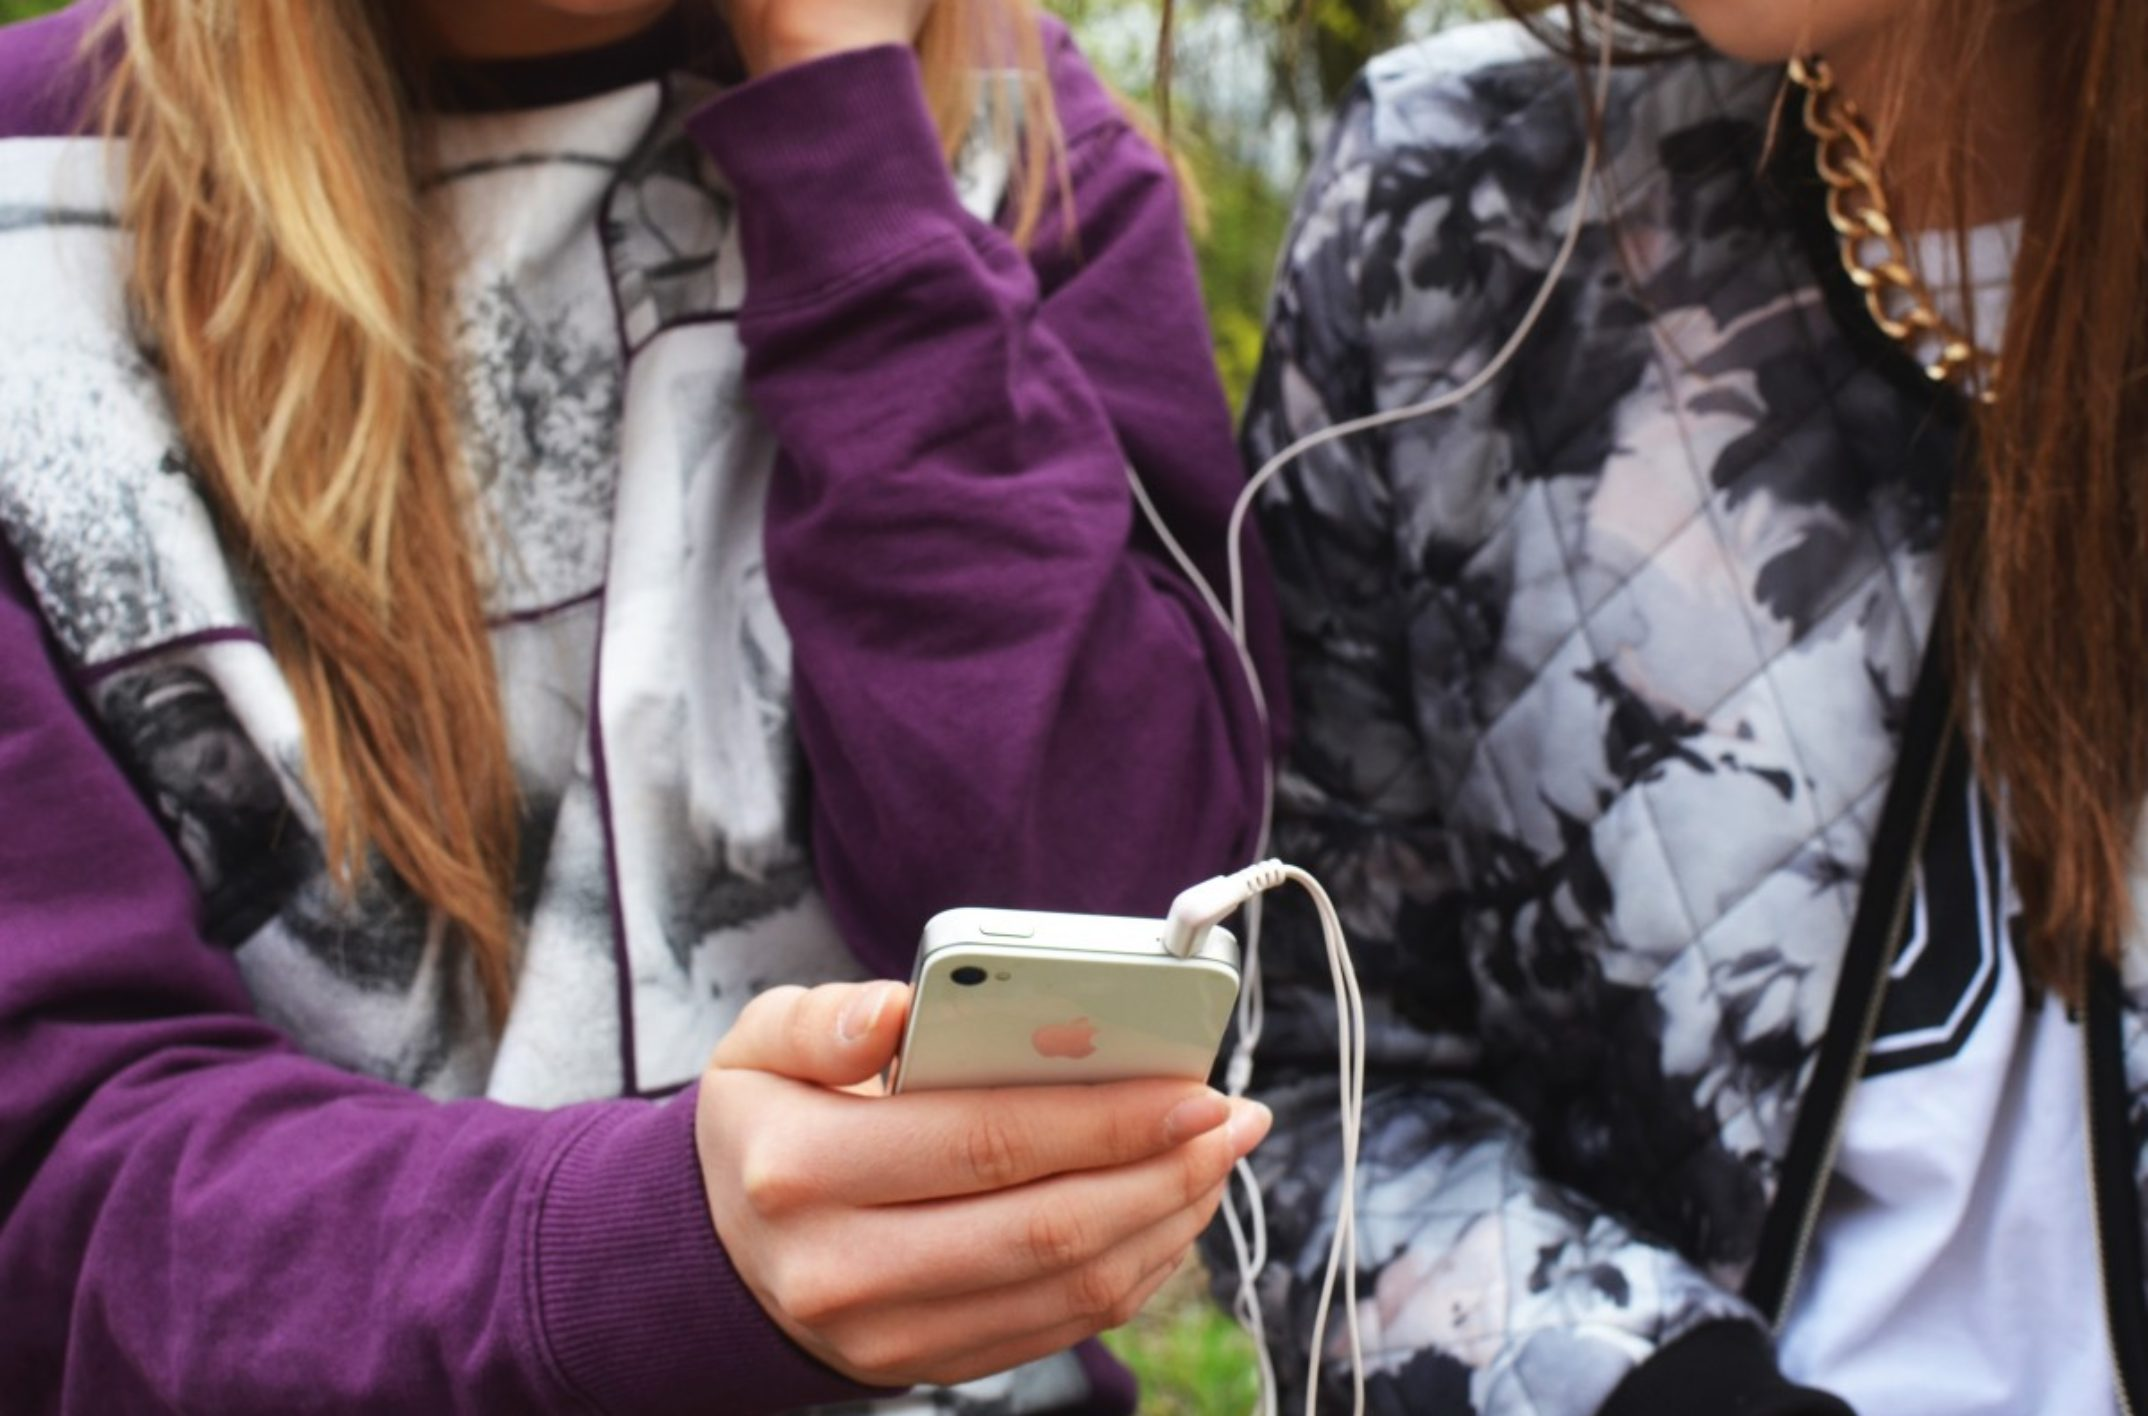 Faut-il contrôler le téléphone de ses enfants?